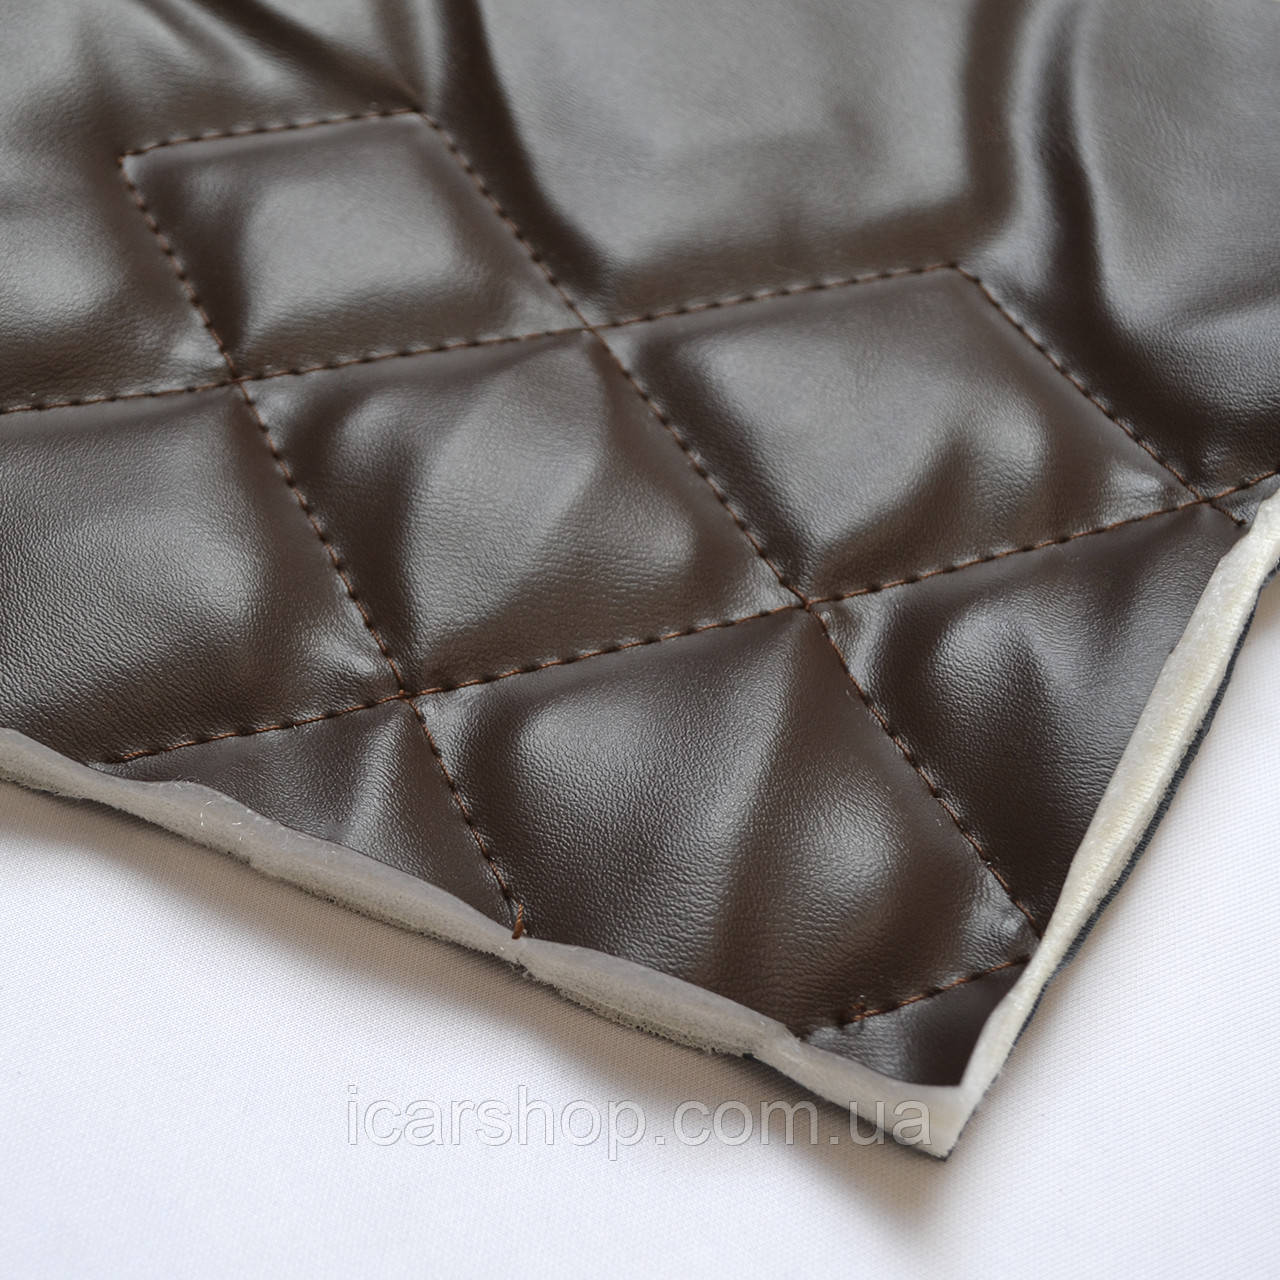 Кожзаменитель 5-12 Косой ромб / Парал.9мм / Синтепон / / п / Шоколад. (1,45м)